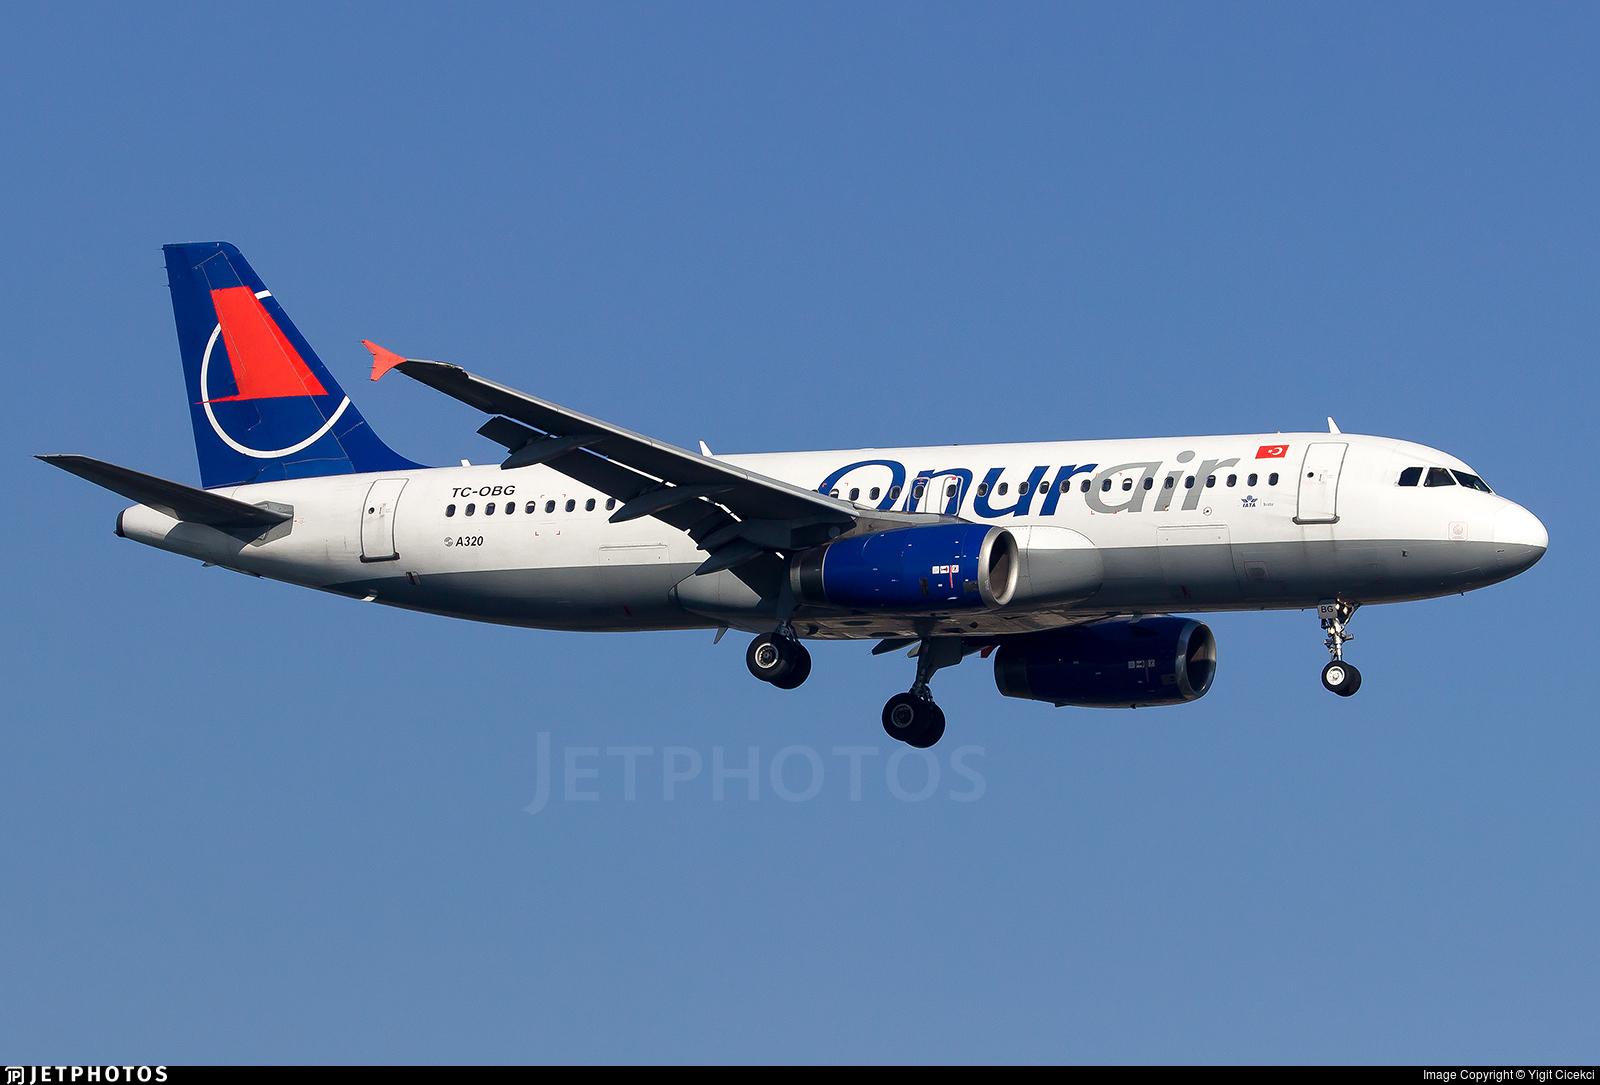 TC-OBG - Airbus A320-233 - Onur Air